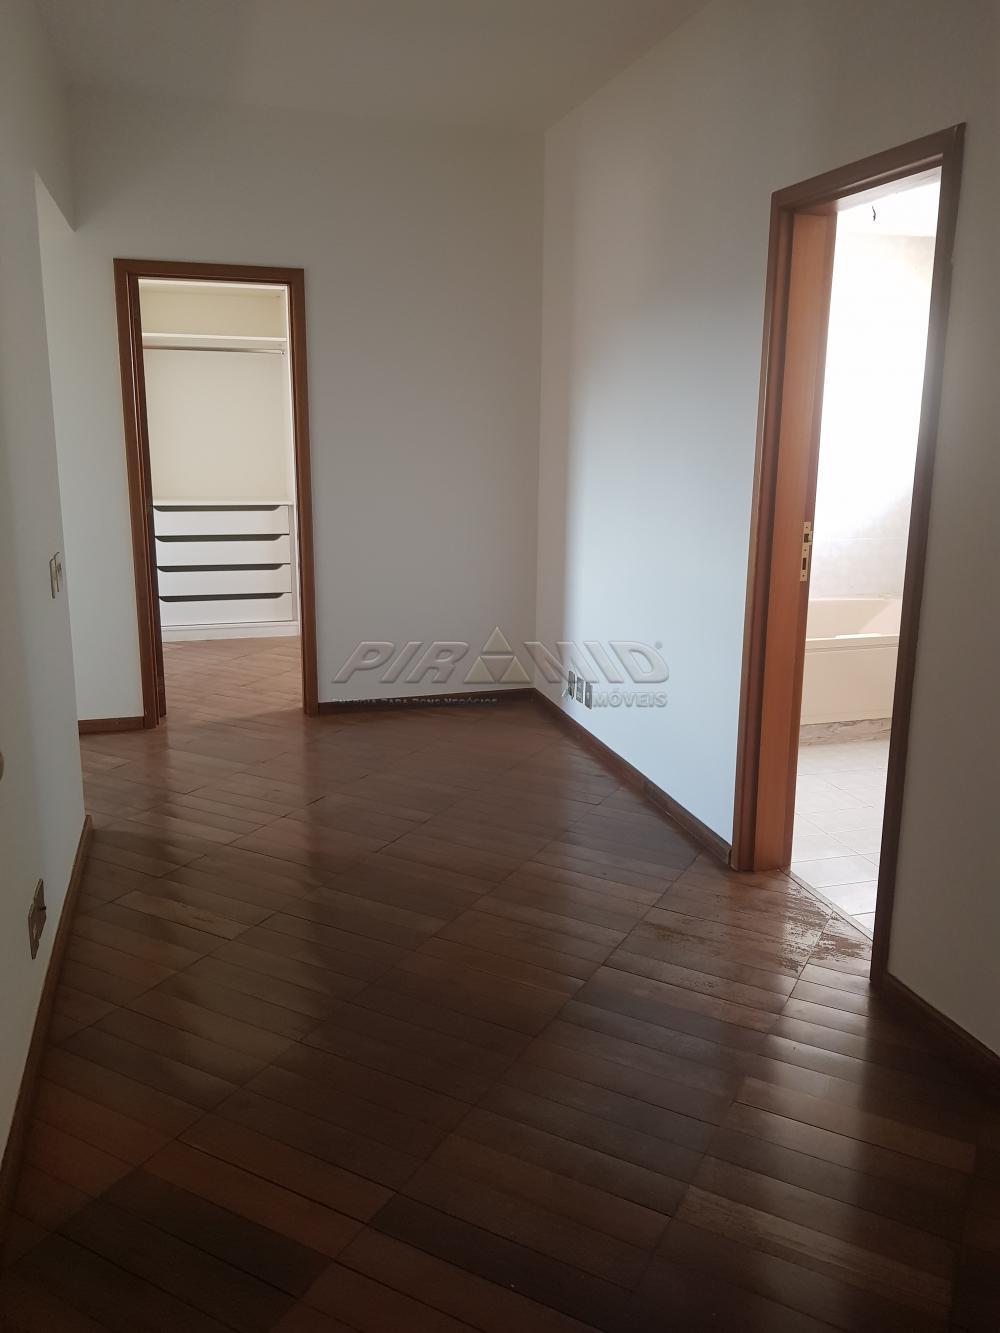 Alugar Apartamento / Padrão em Ribeirão Preto apenas R$ 3.000,00 - Foto 36